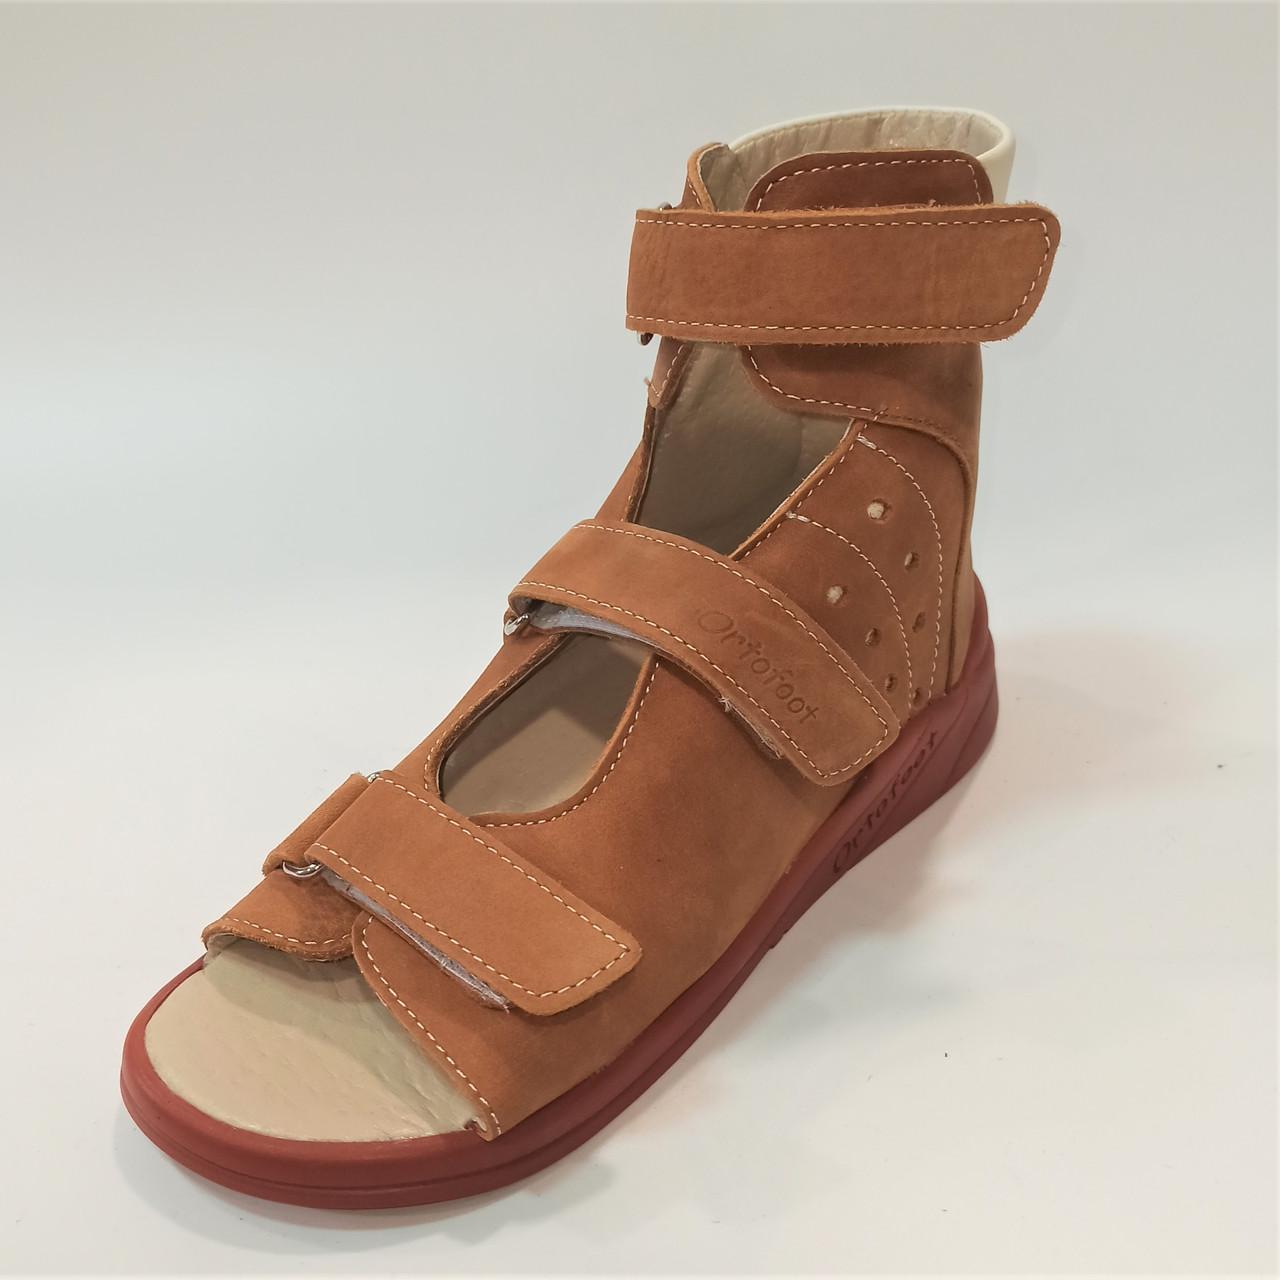 Ортопедические сандалии с ВП-5 стелькой, Ортофут размеры: 33-34